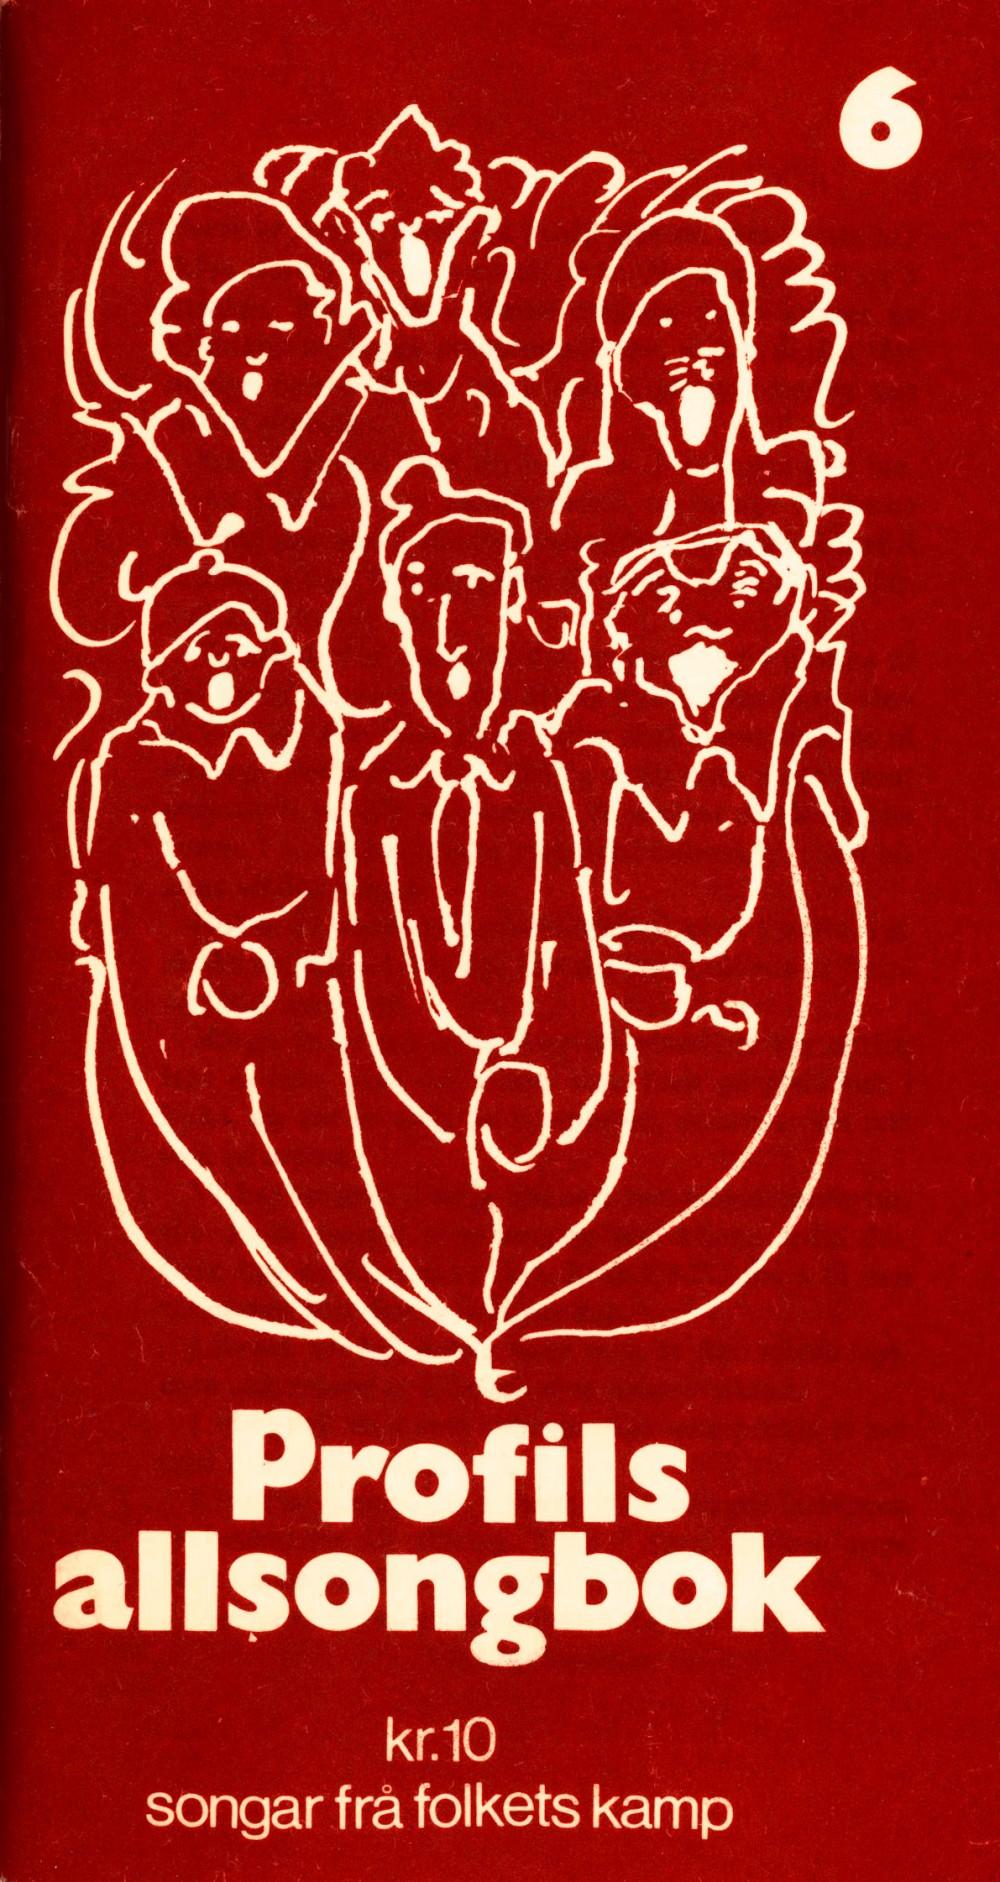 Profils allsongbok - Songar frå folkets kamp - Profil nr. 5b 1974